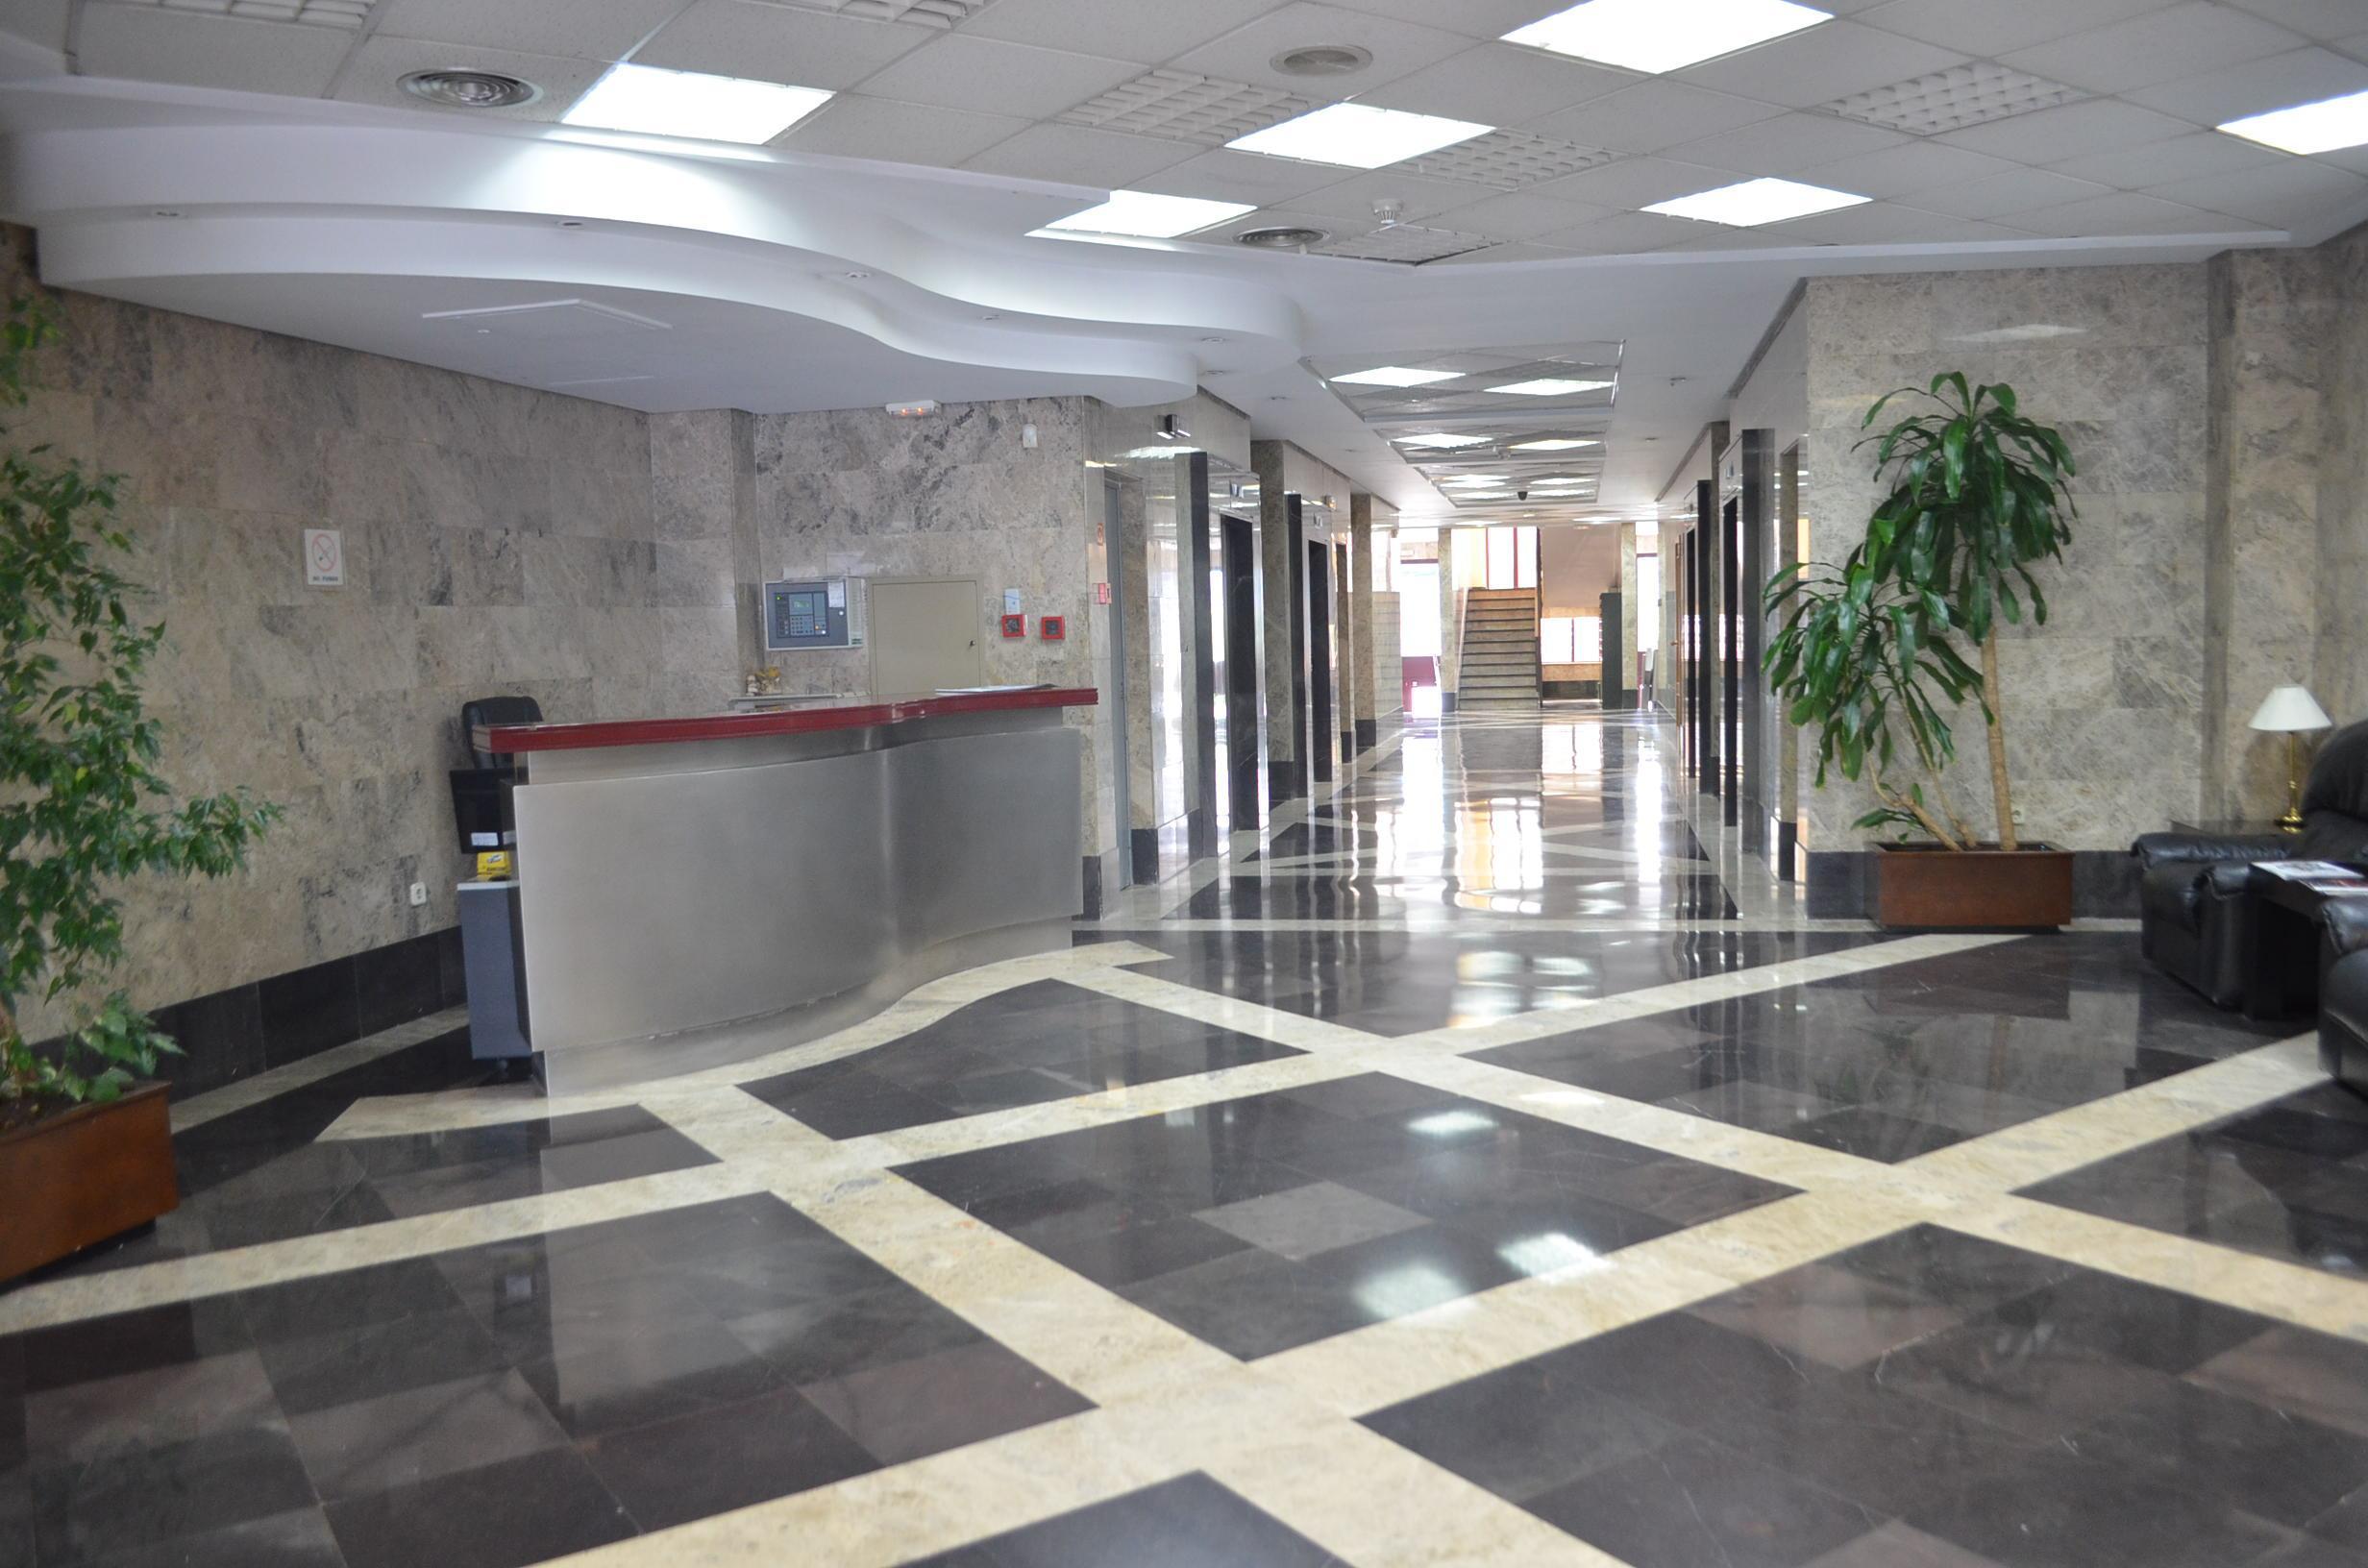 oficina las rozas de madrid alquiler 1500 euros zona las